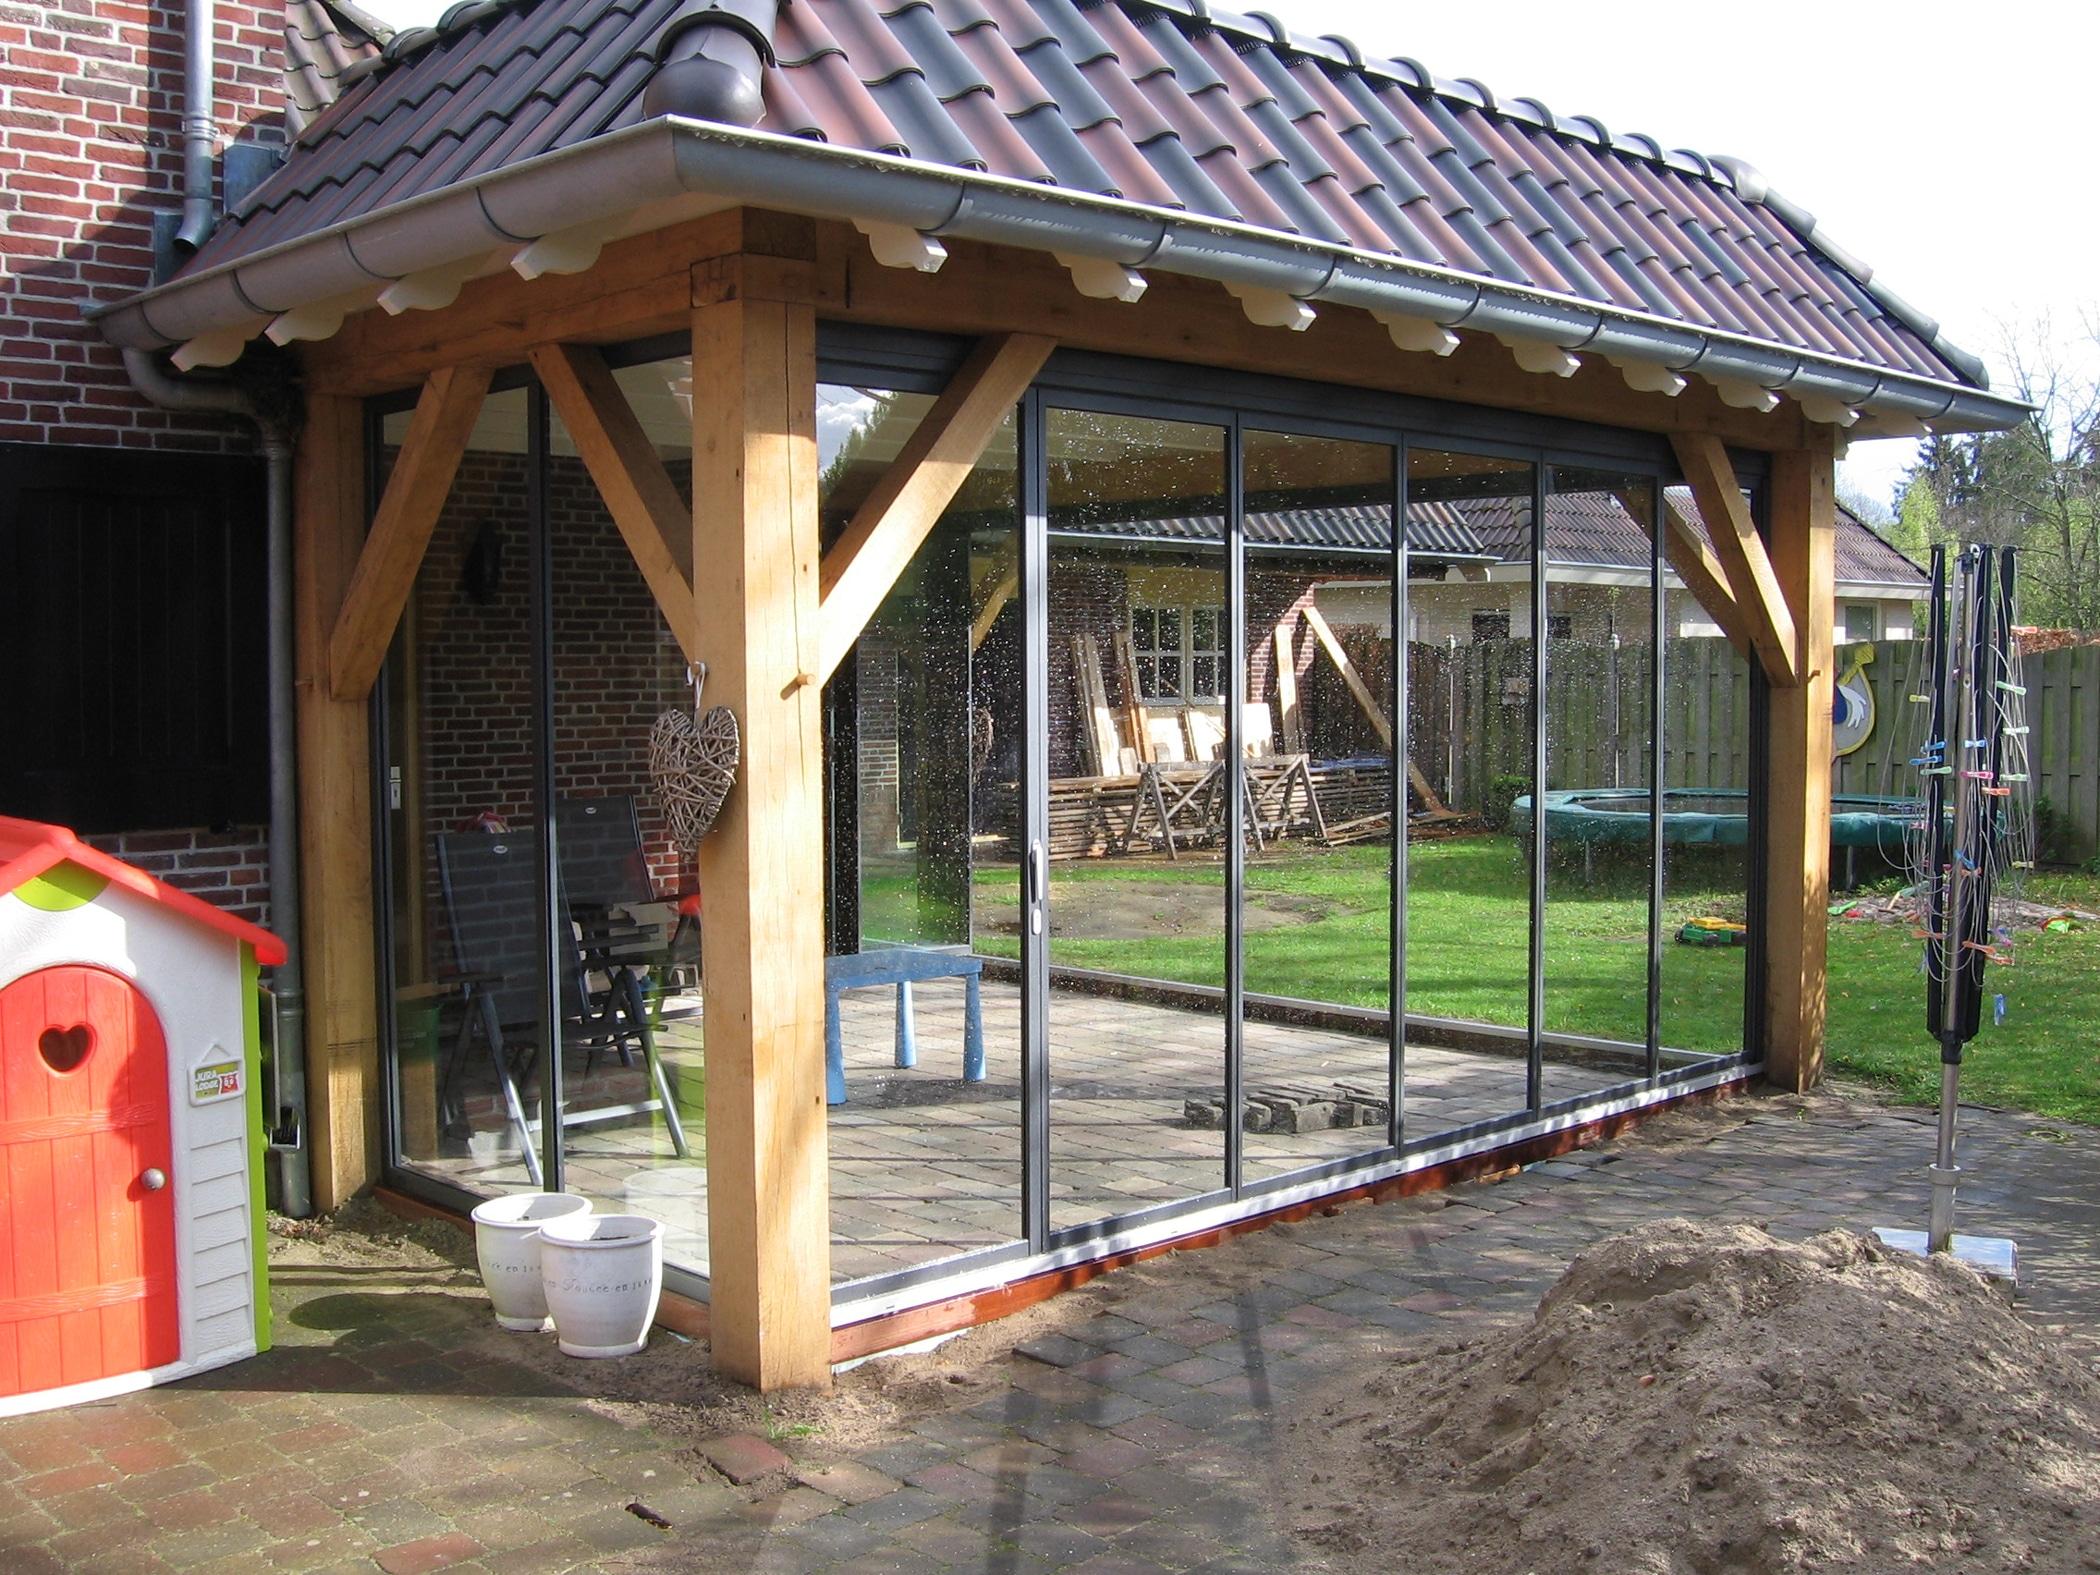 Verglasungsmöglichkeiten bestehende Überdachungen auf der Terrasse